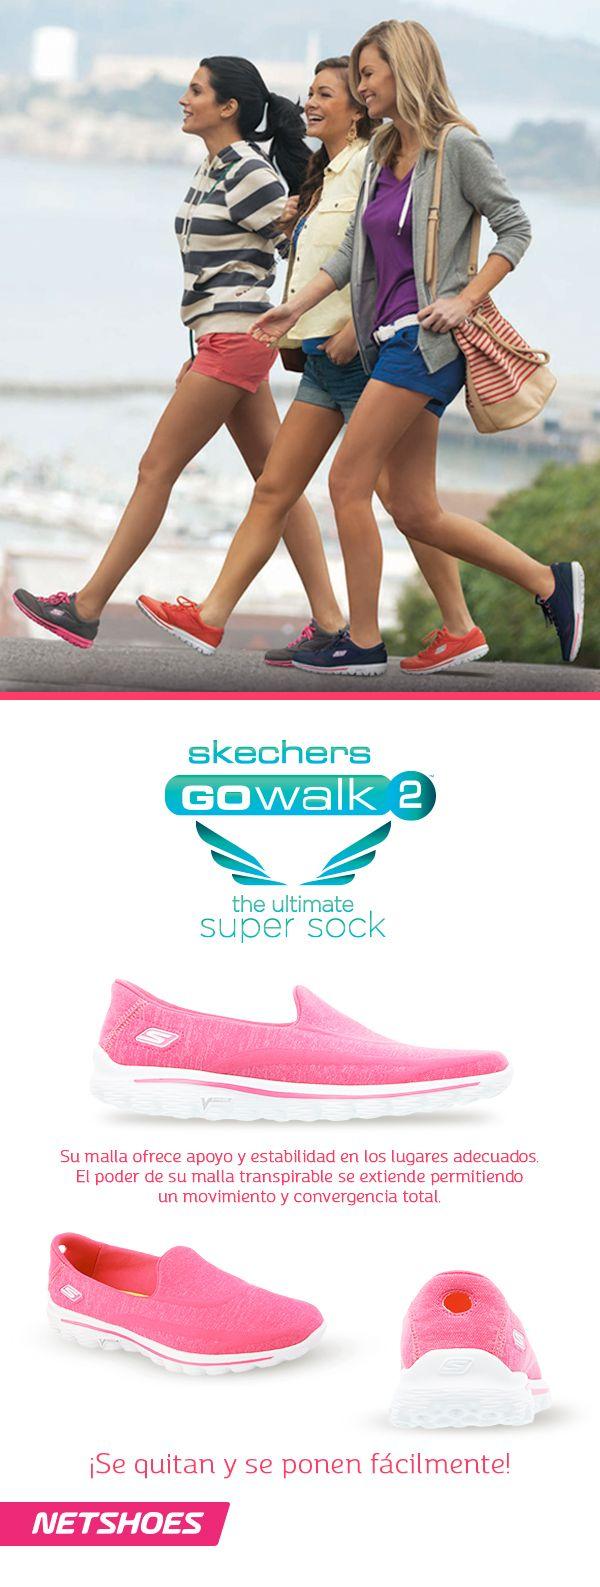 El nuevo Calzado Skechers Square posee el toque fresco que toda chica busca para mantenerse a la moda.